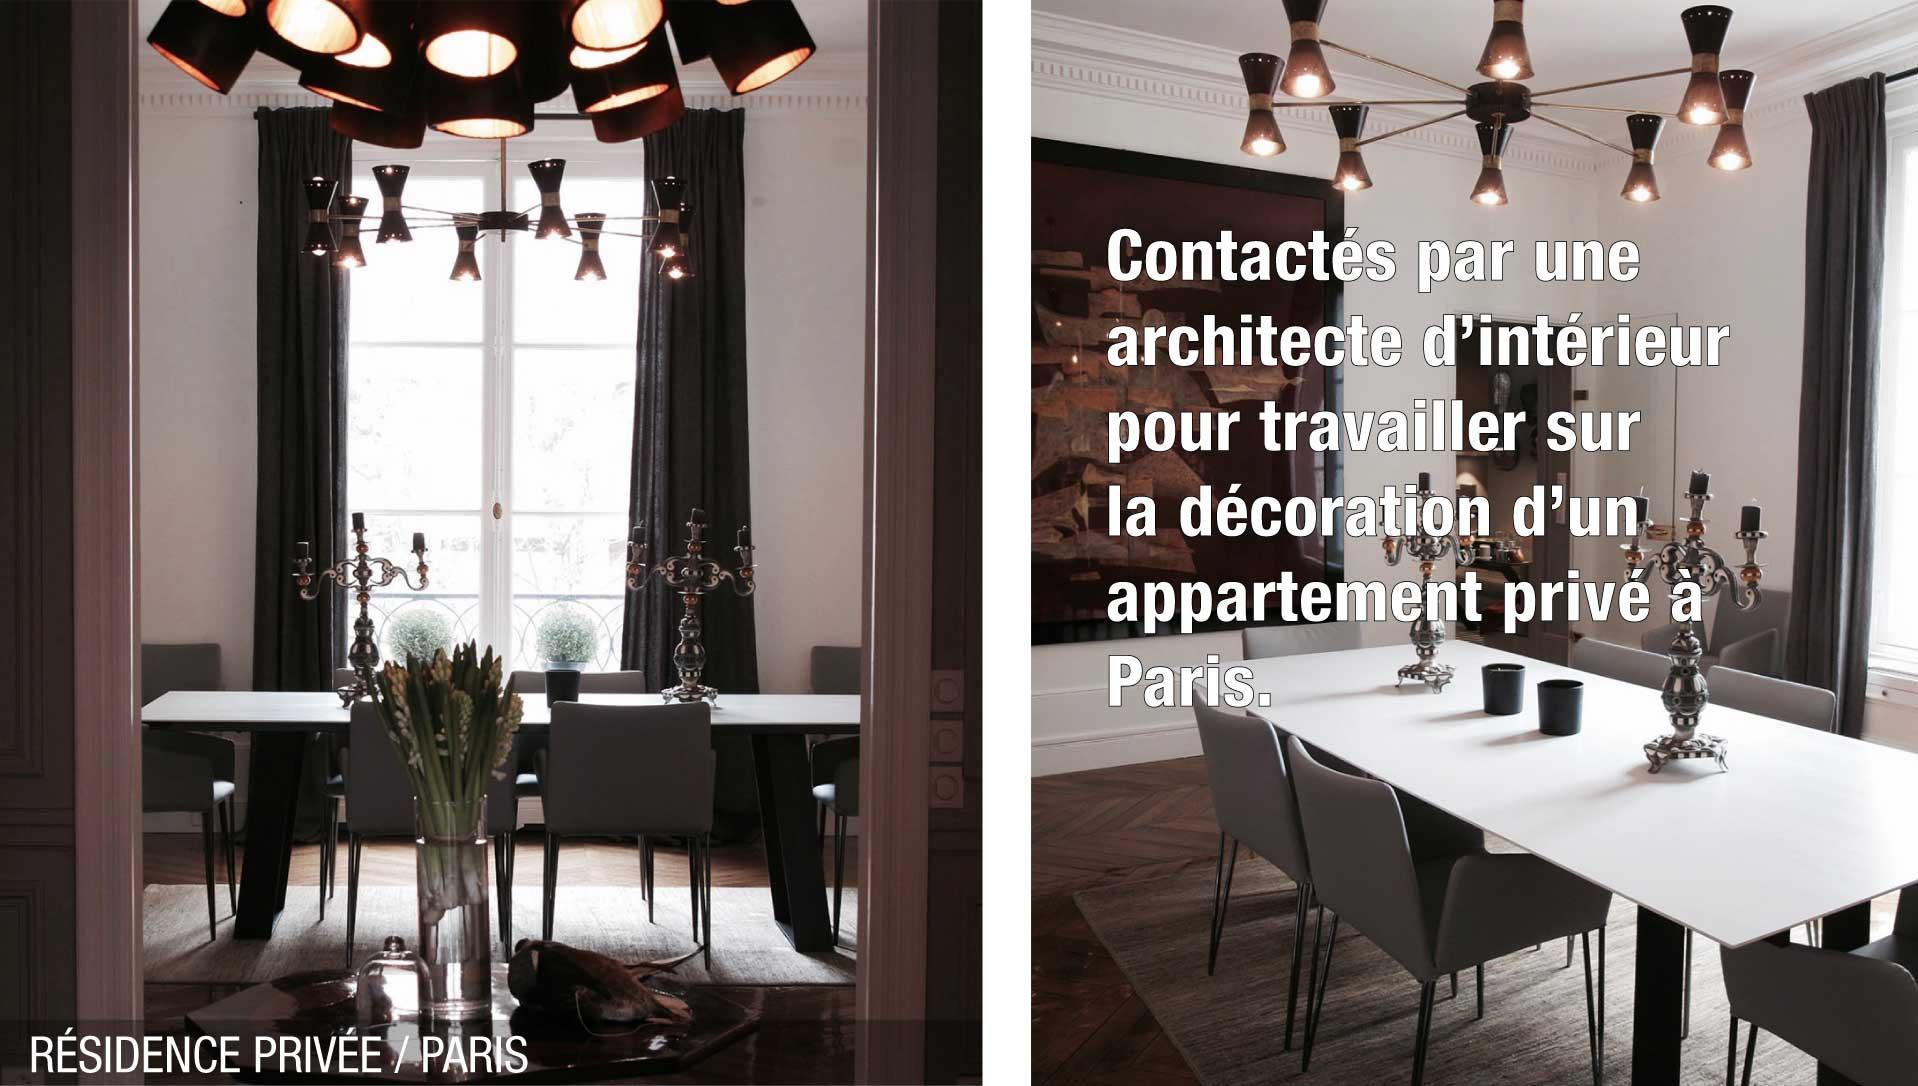 privateappart-paris-1-2